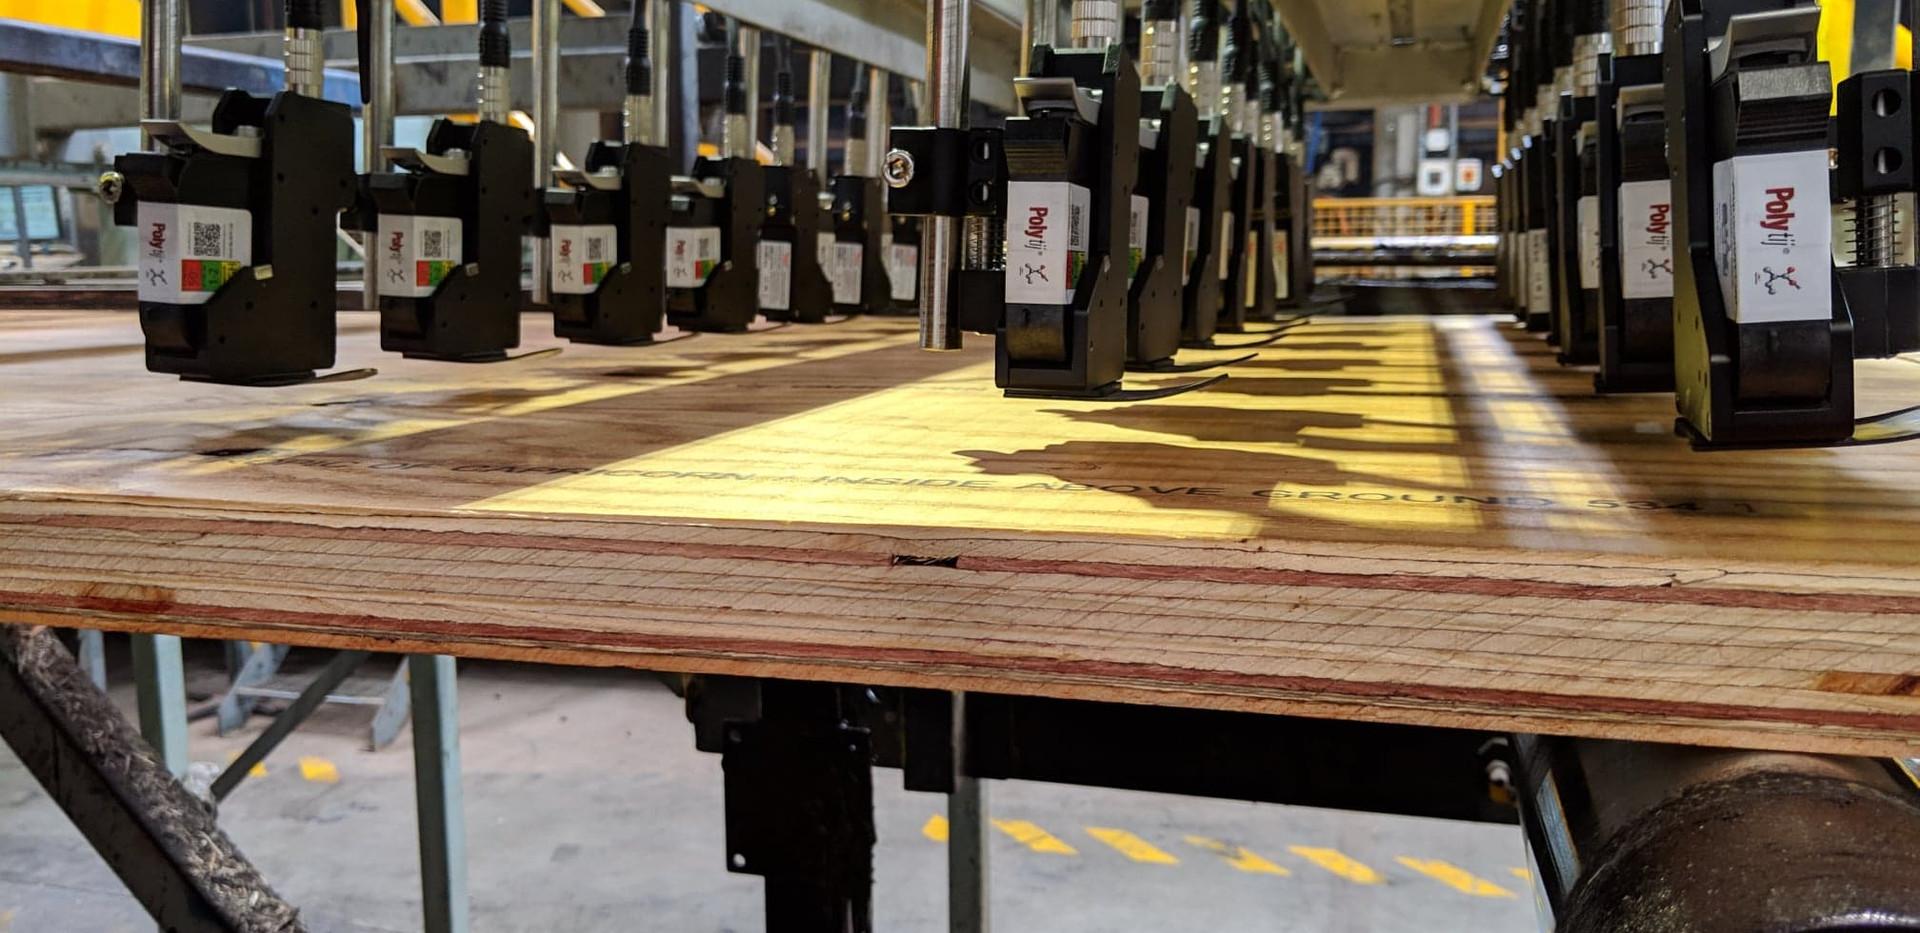 S3-6 Multi Printhead on wood.jpg